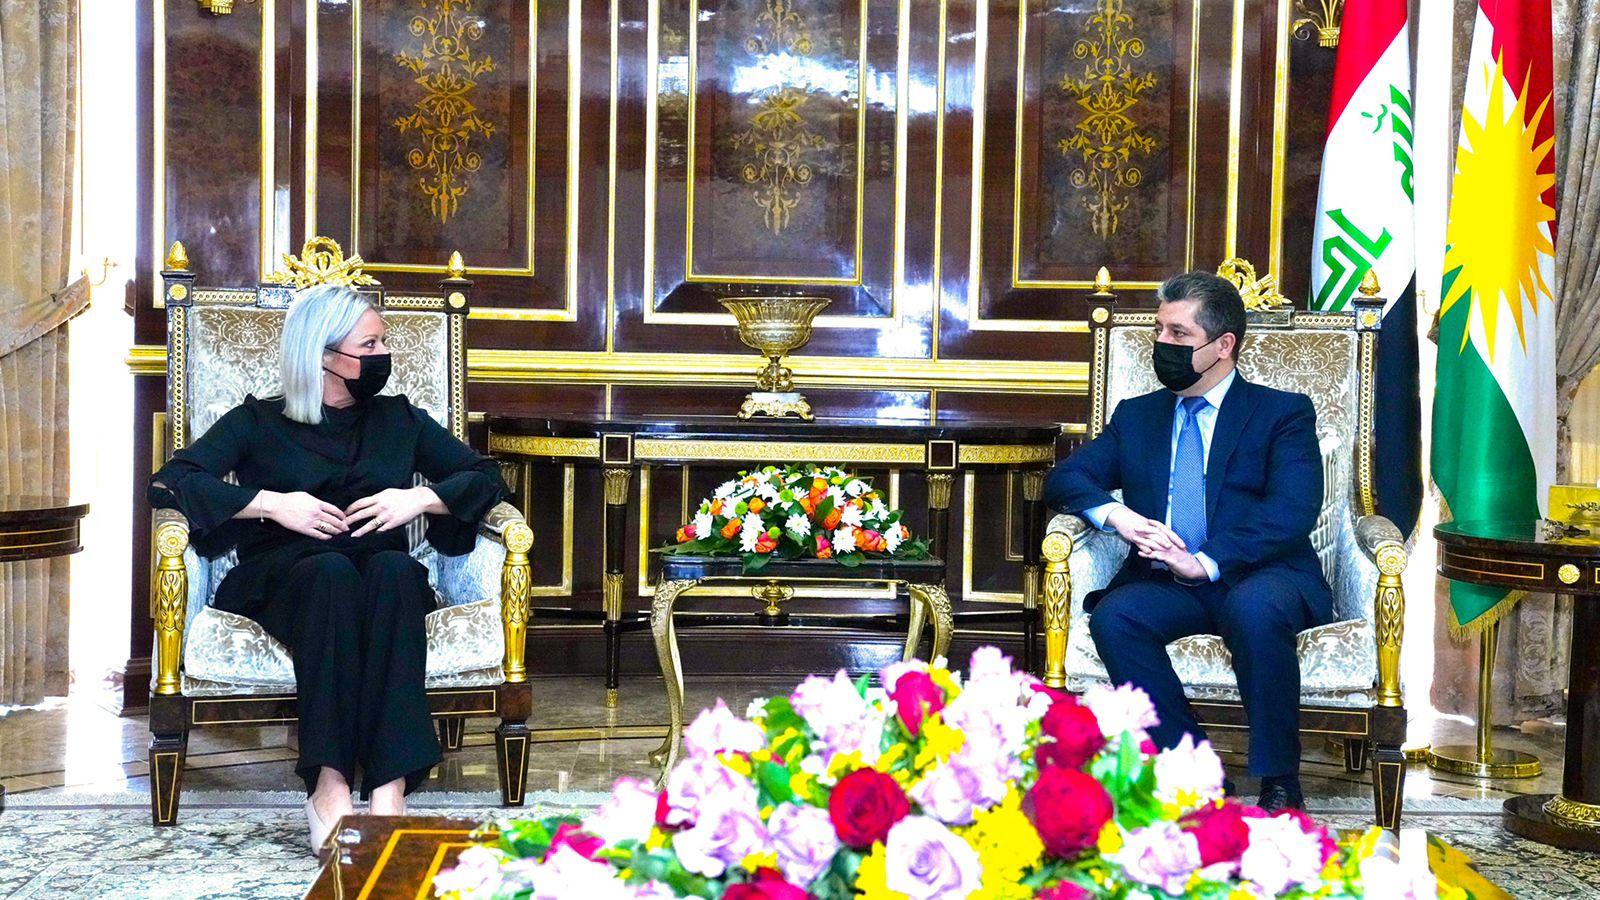 بارزاني وبلاسخارت يؤكدان ضرورة تشكيل حكومة عراقية تخدم الجميع